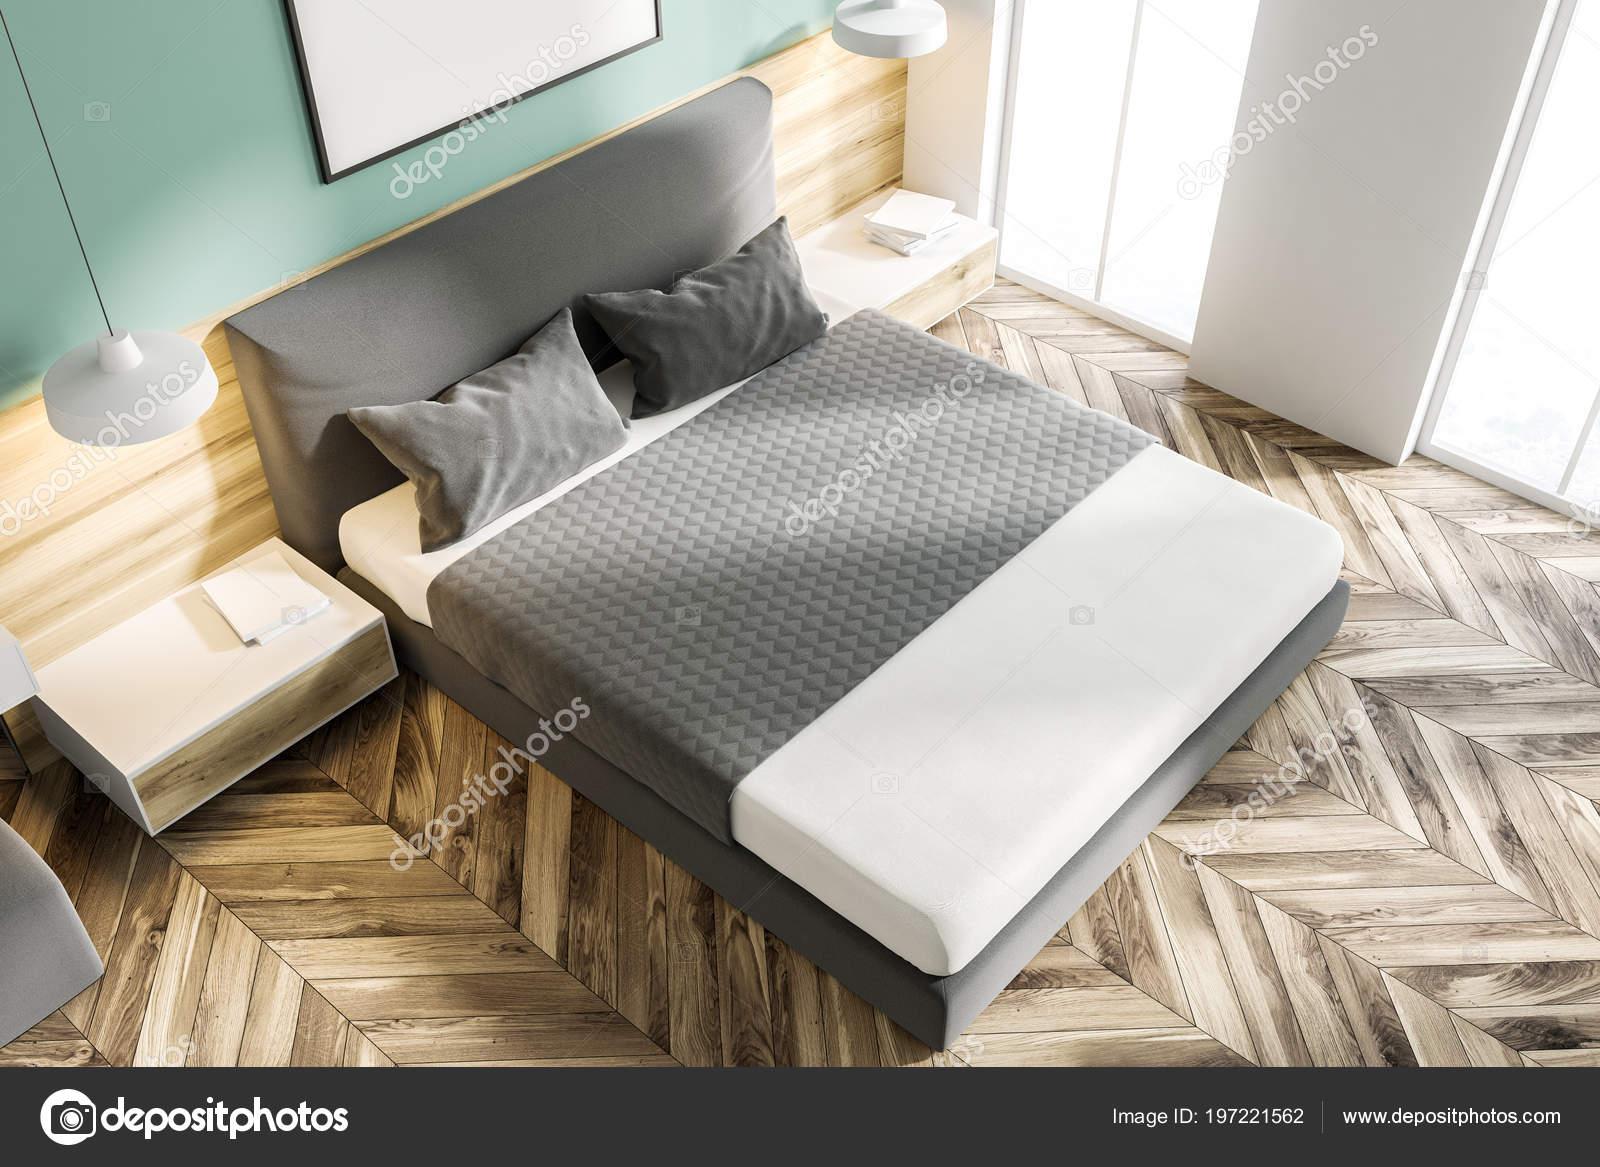 vue de dessus d un coin chambre verte avec un plancher en bois un lit king size et une affiche vertical cadre suspendu au dessus d elle rendu 3d maquette